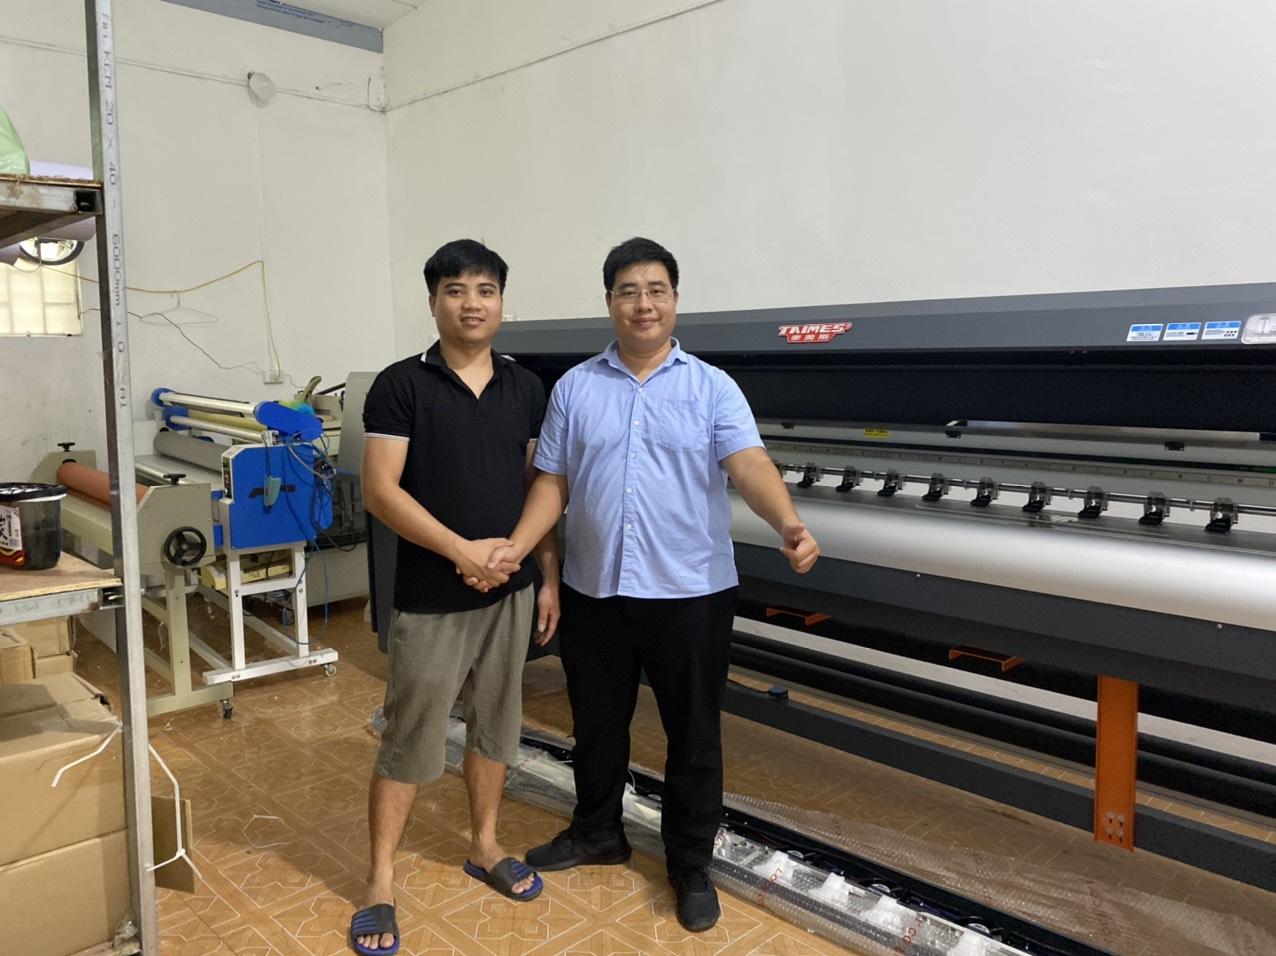 Bàn giao công nghệ máy in bạt khổ 3m2 Taimes T5Q cho Công ty TNHH MTV Luxer Việt Nam tại Trần Hưng Đạo